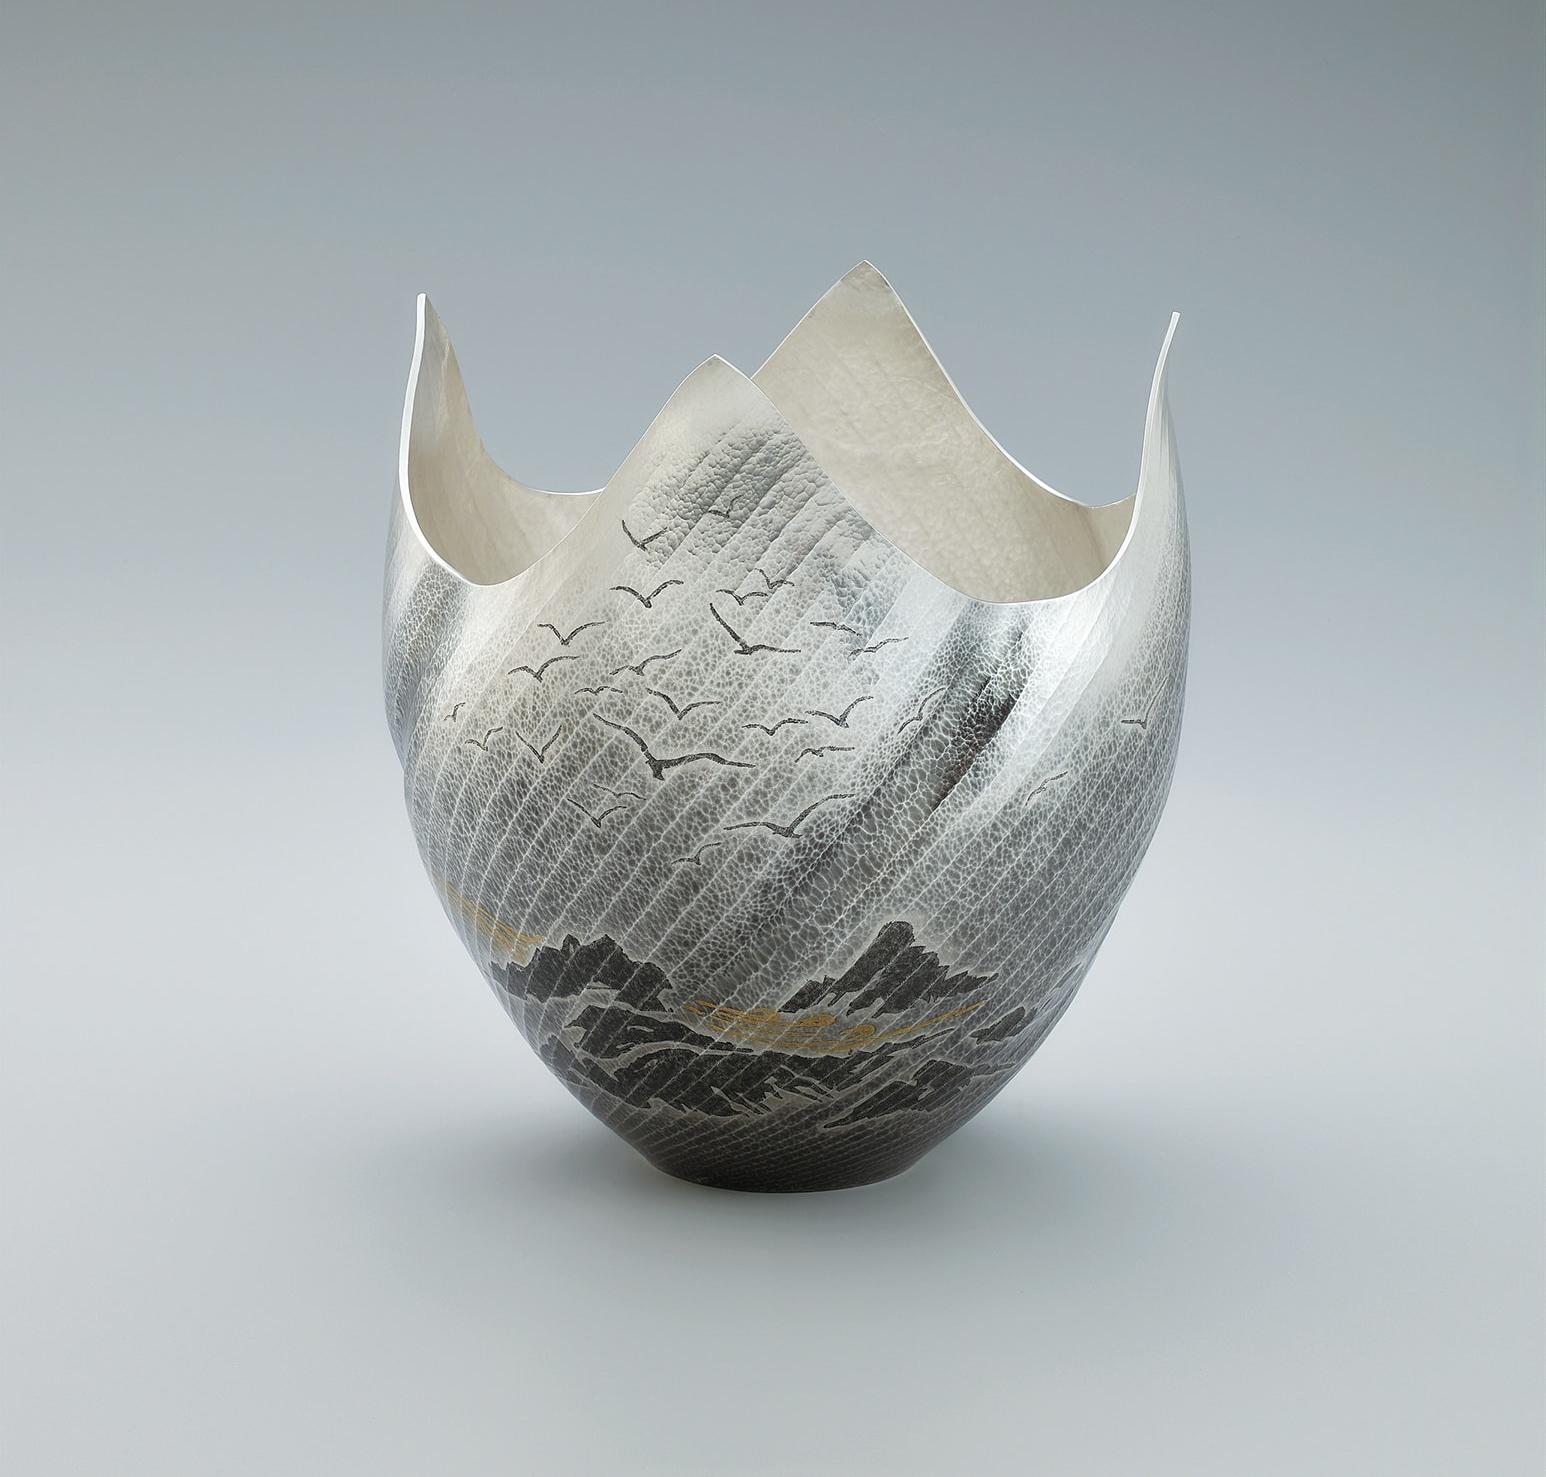 L'artiste japonaise Osumi Yukie , Onishi Gallery NY